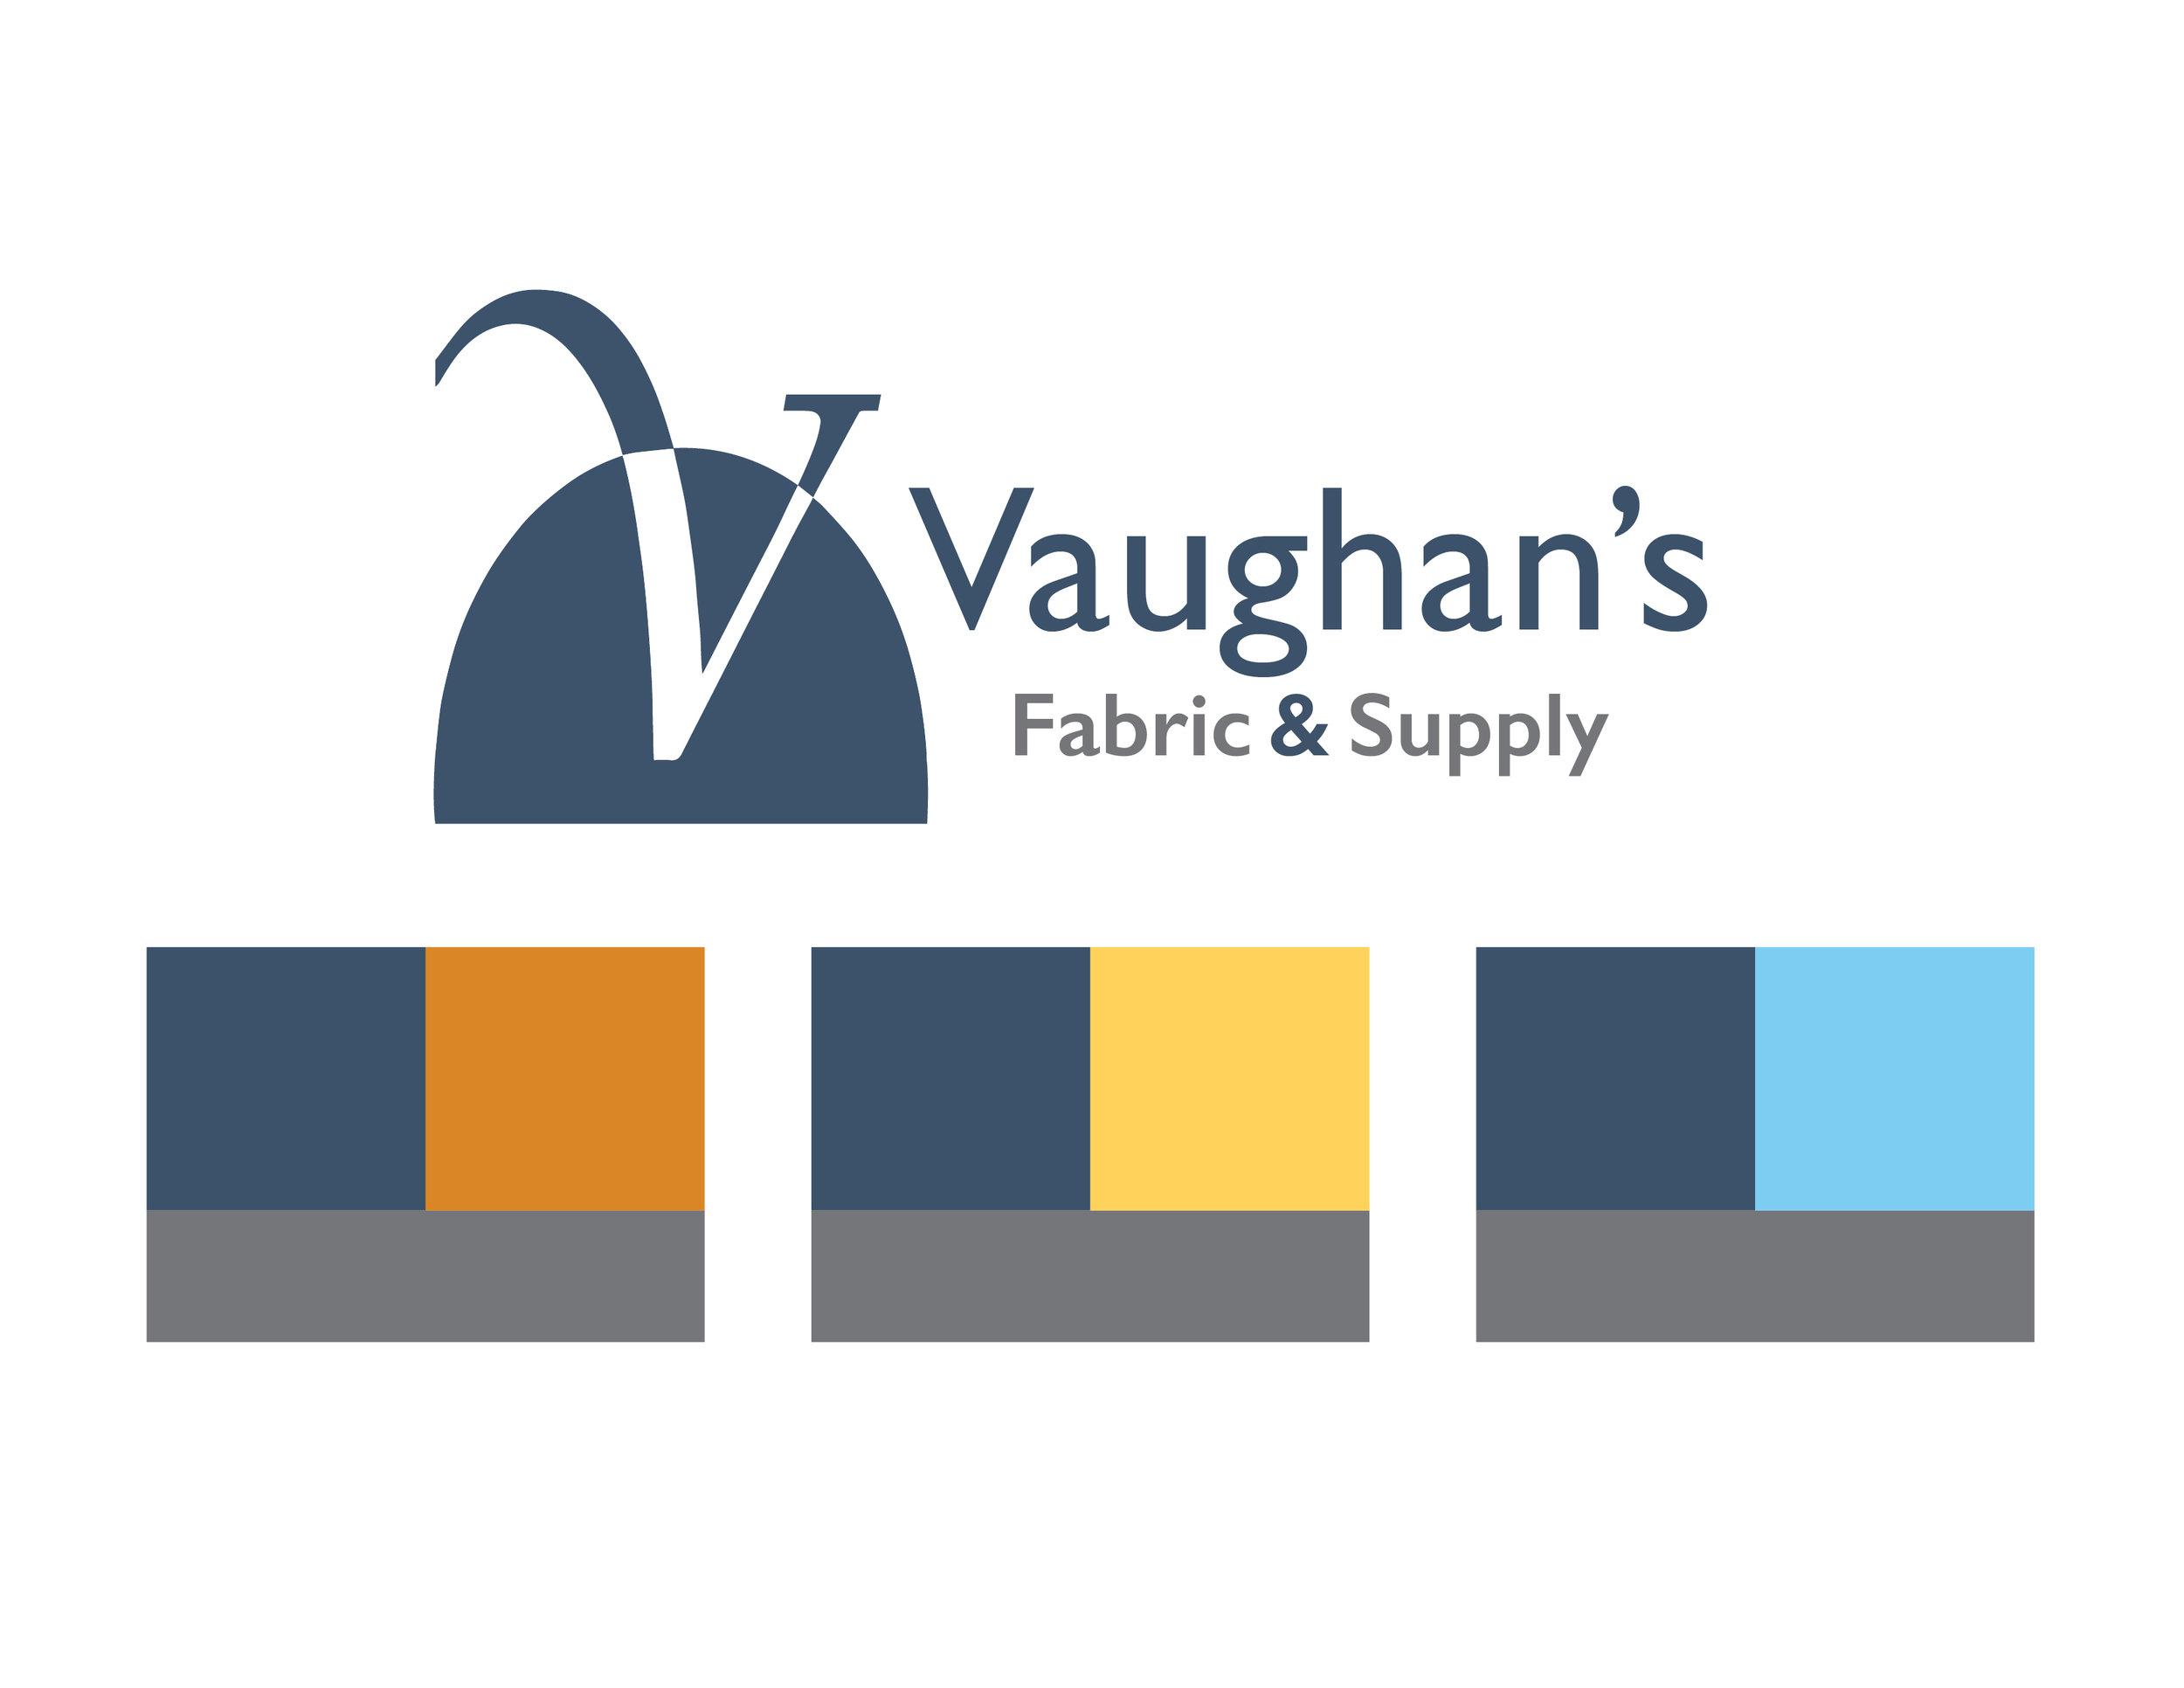 Vaughan_1.jpg